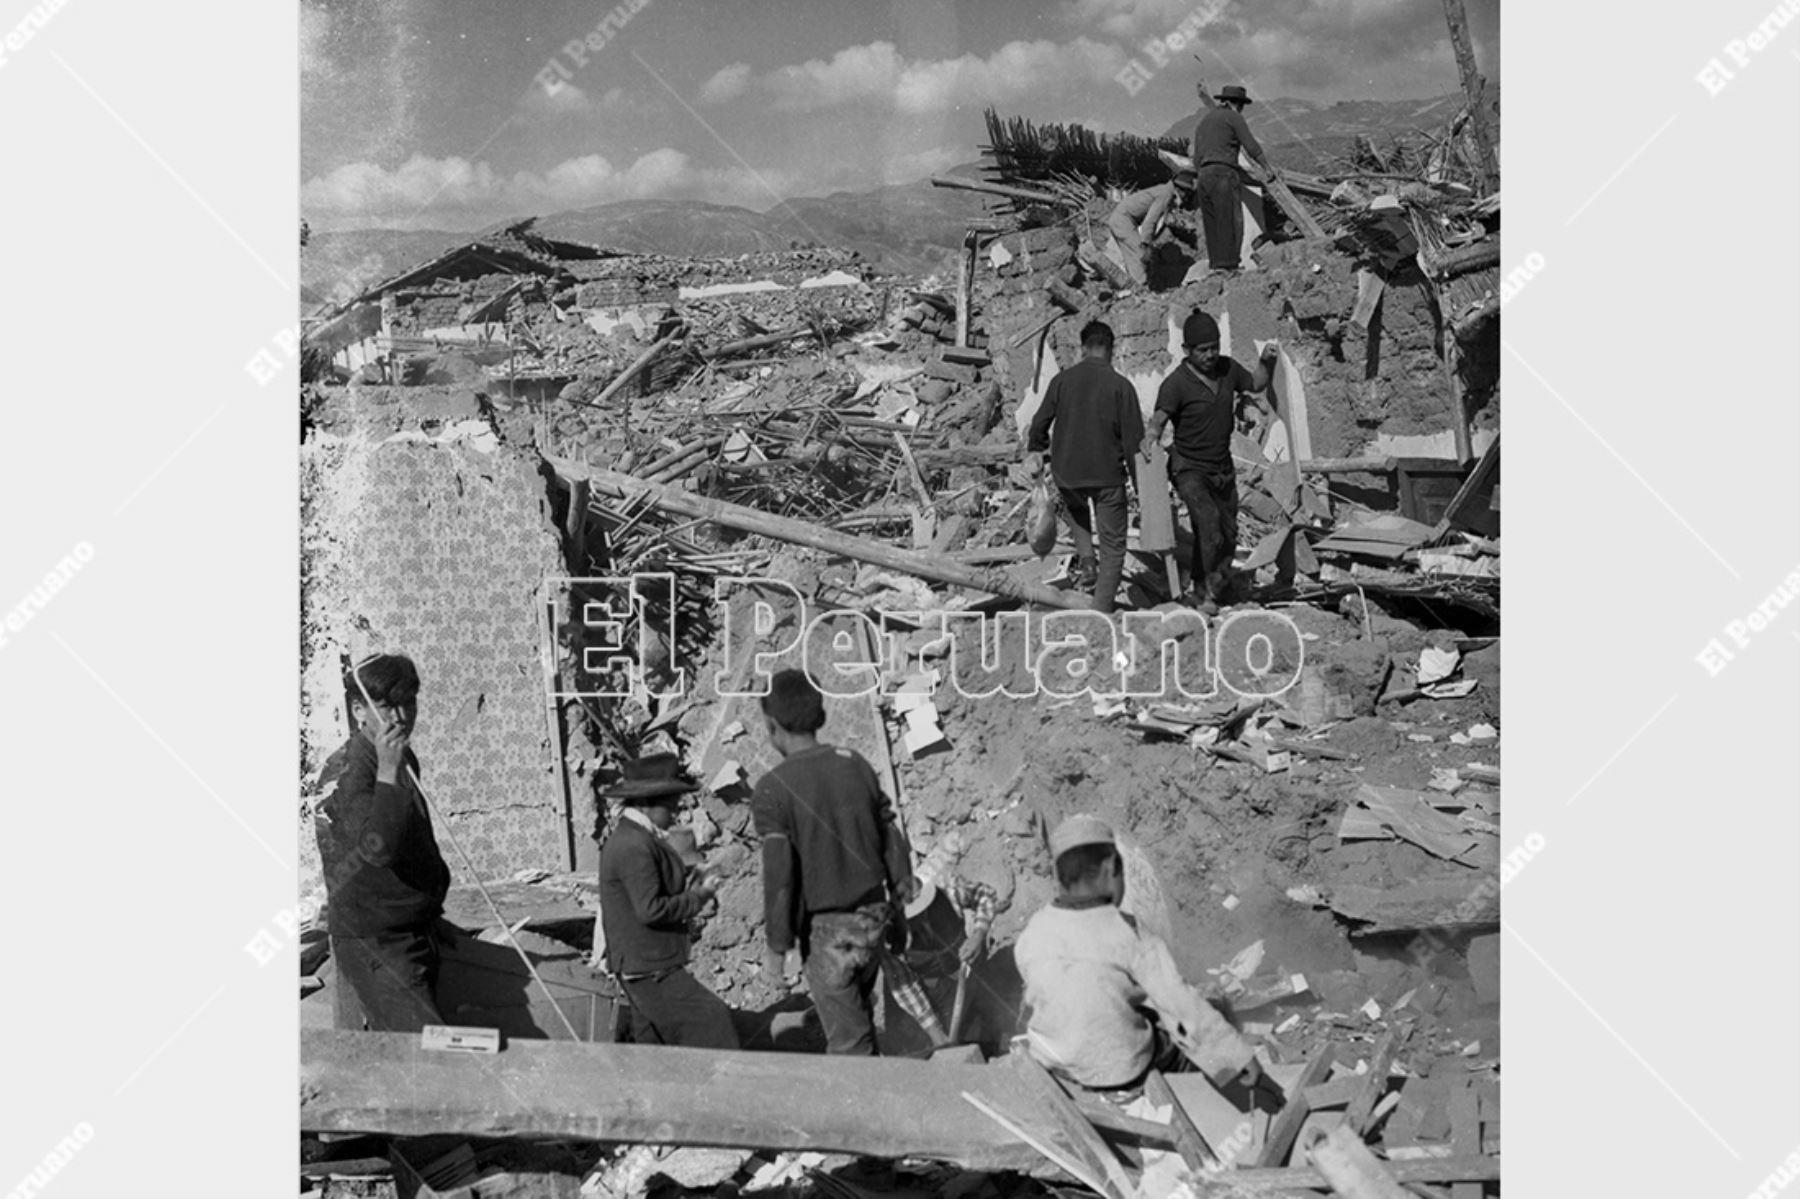 Ancash - 1 junio 1970 / Terremoto de Yungay. Damnificados intentan rescatar algunos objetos de viviendas en escombros. Foto: Archivo Histórico de El Peruano